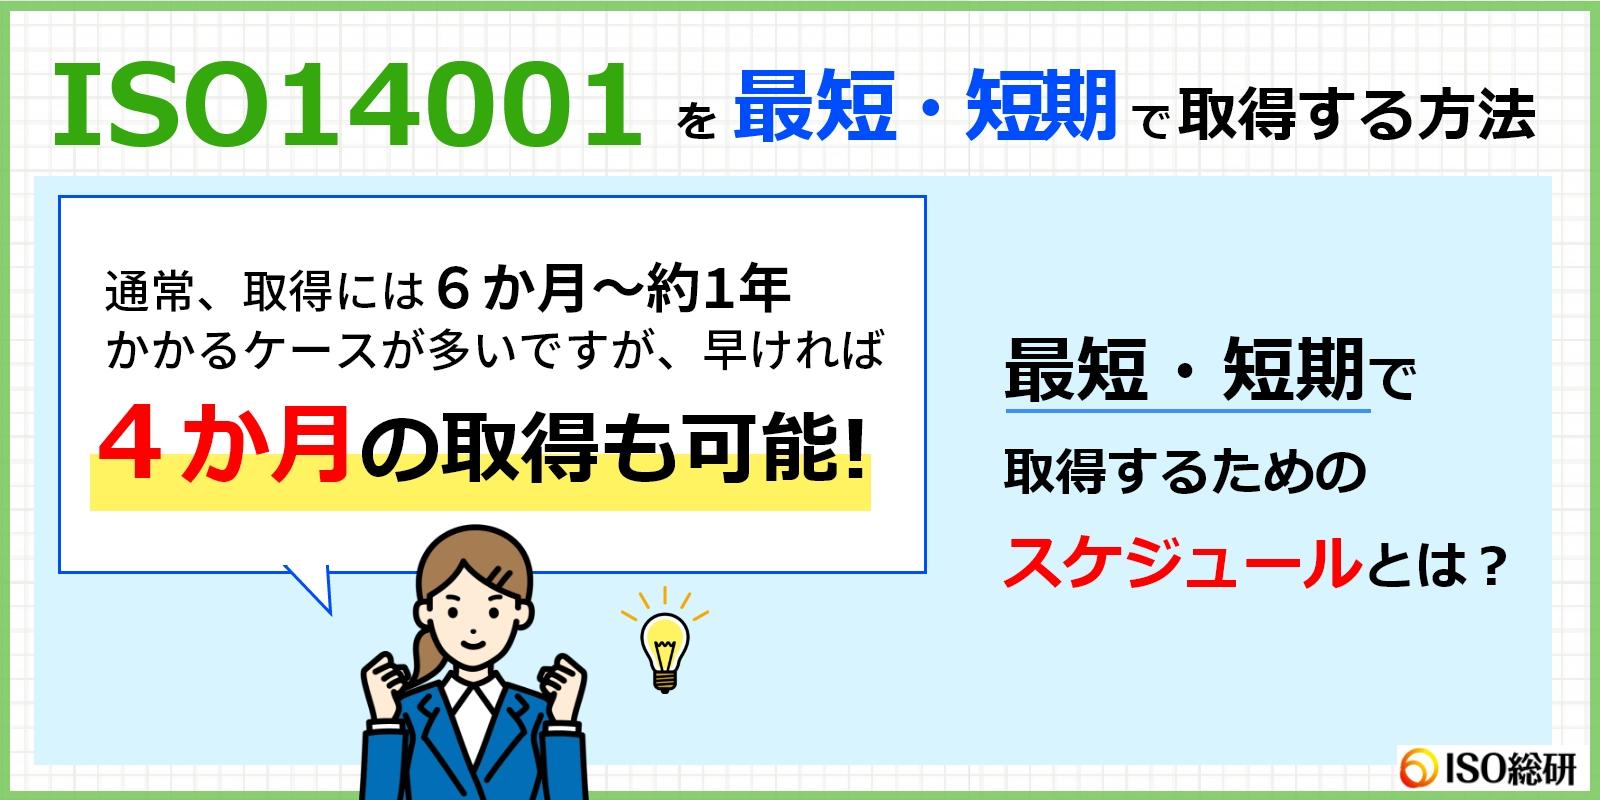 ISO14001短期取得のためのポイント